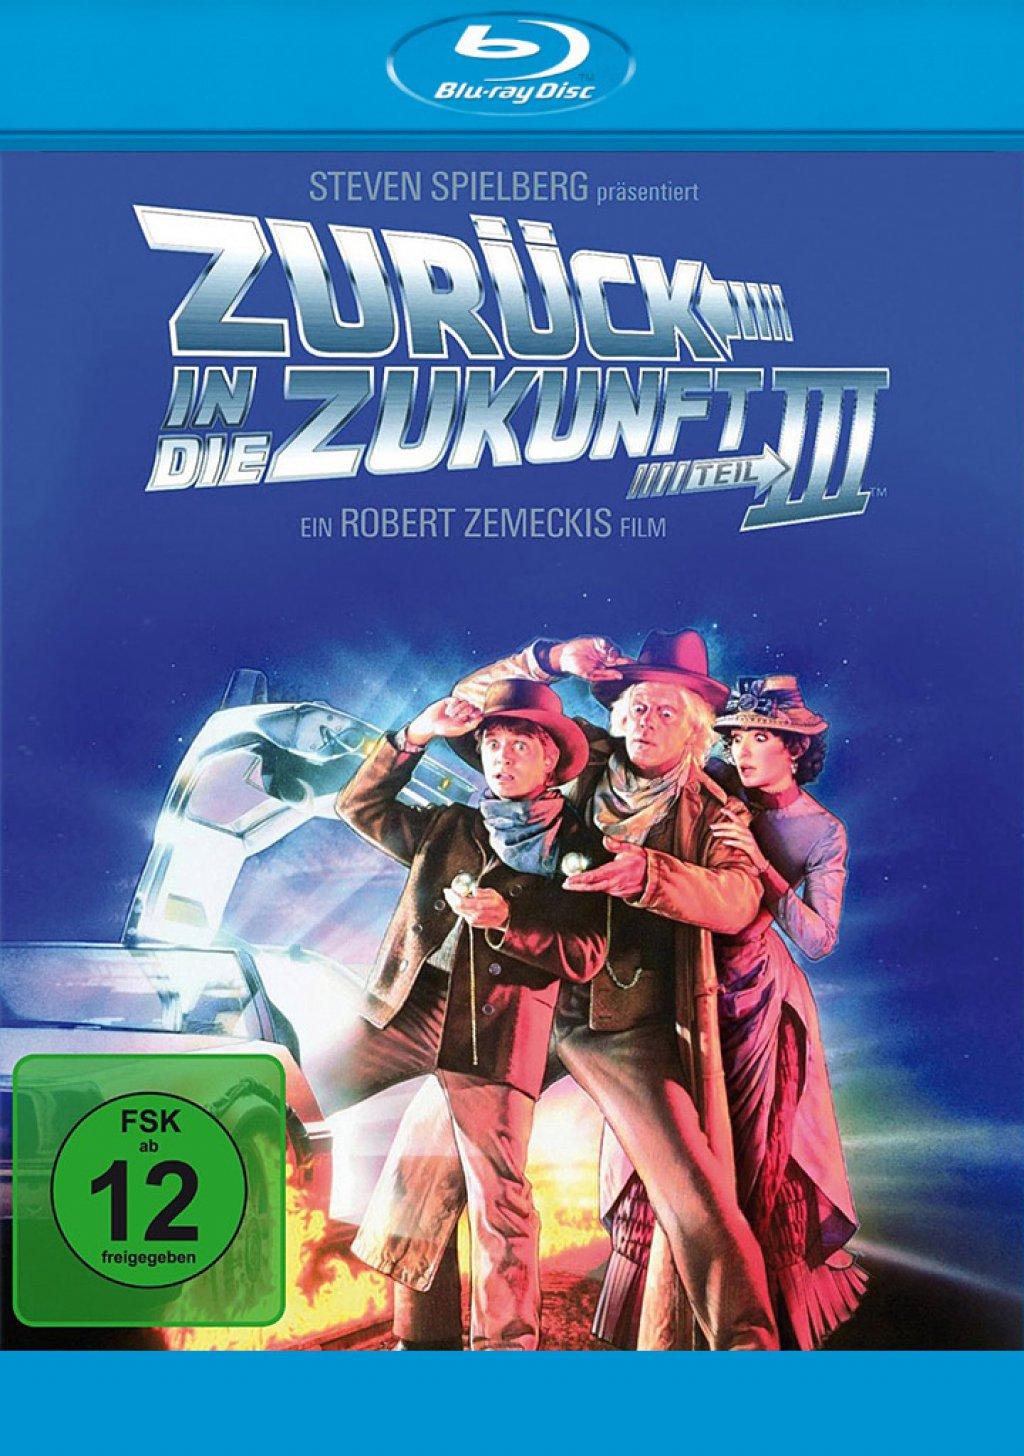 Zurück in die Zukunft III (Blu-ray)